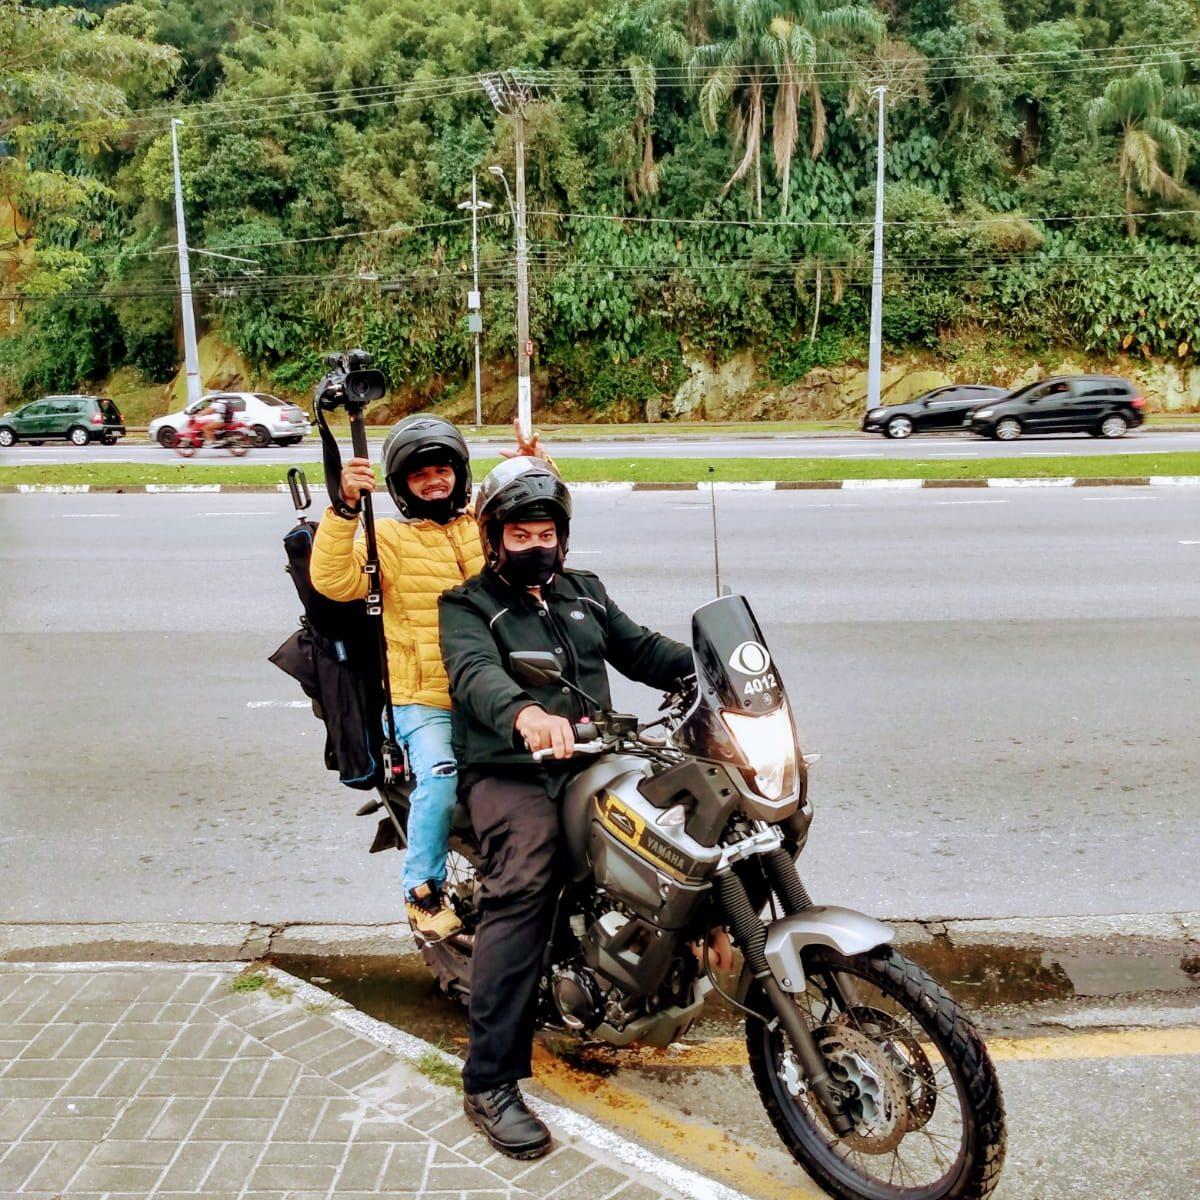 Cinegrafista do motolink da Band morre em acidente em SP